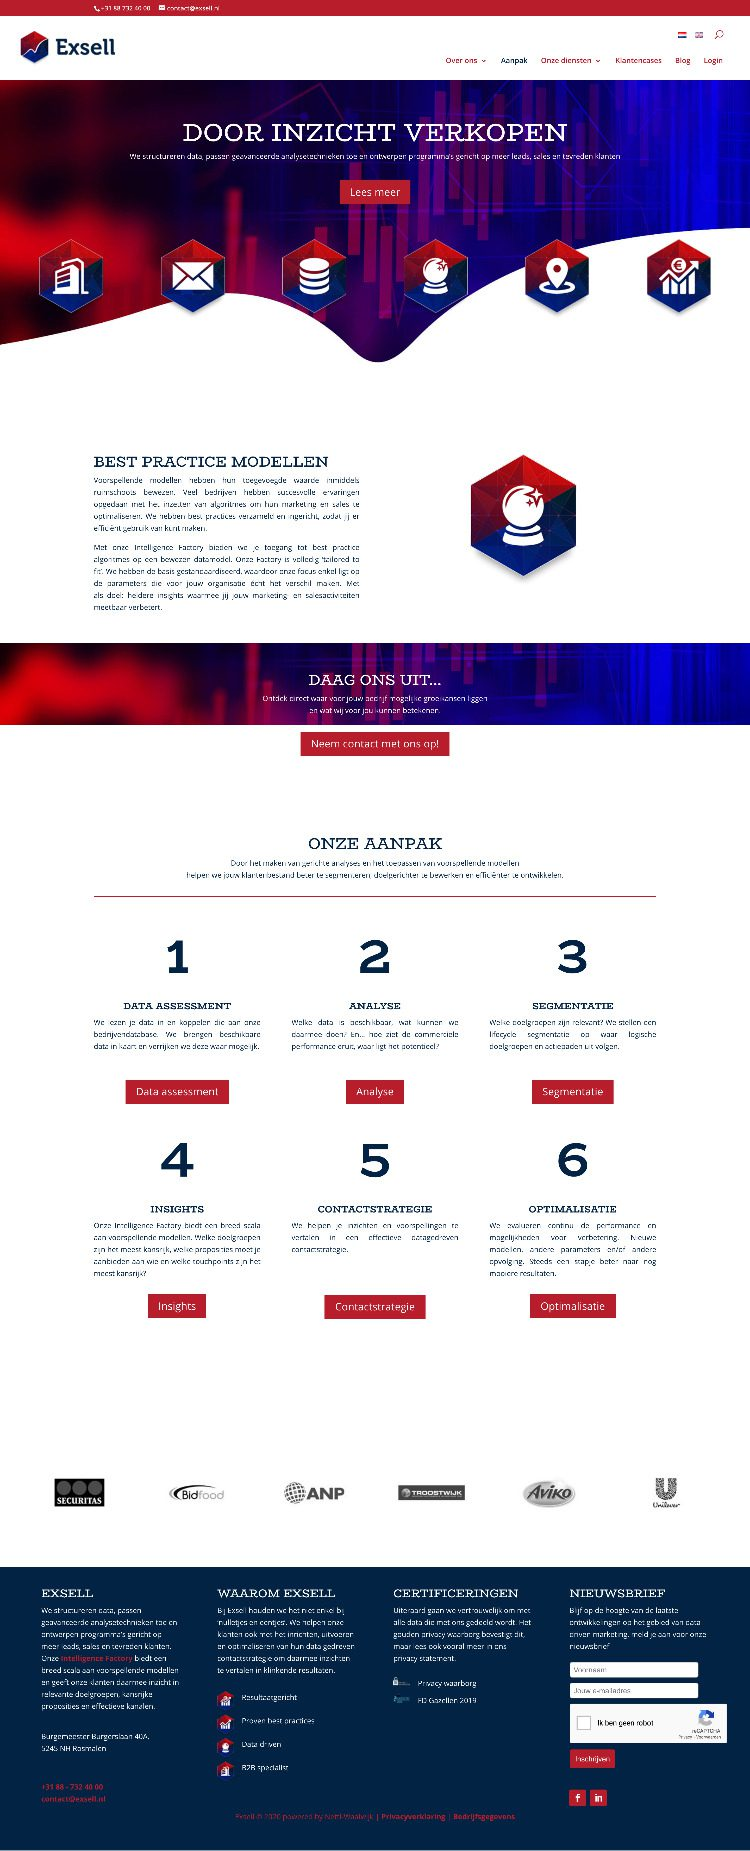 De iconen op de homepage van de website exsell